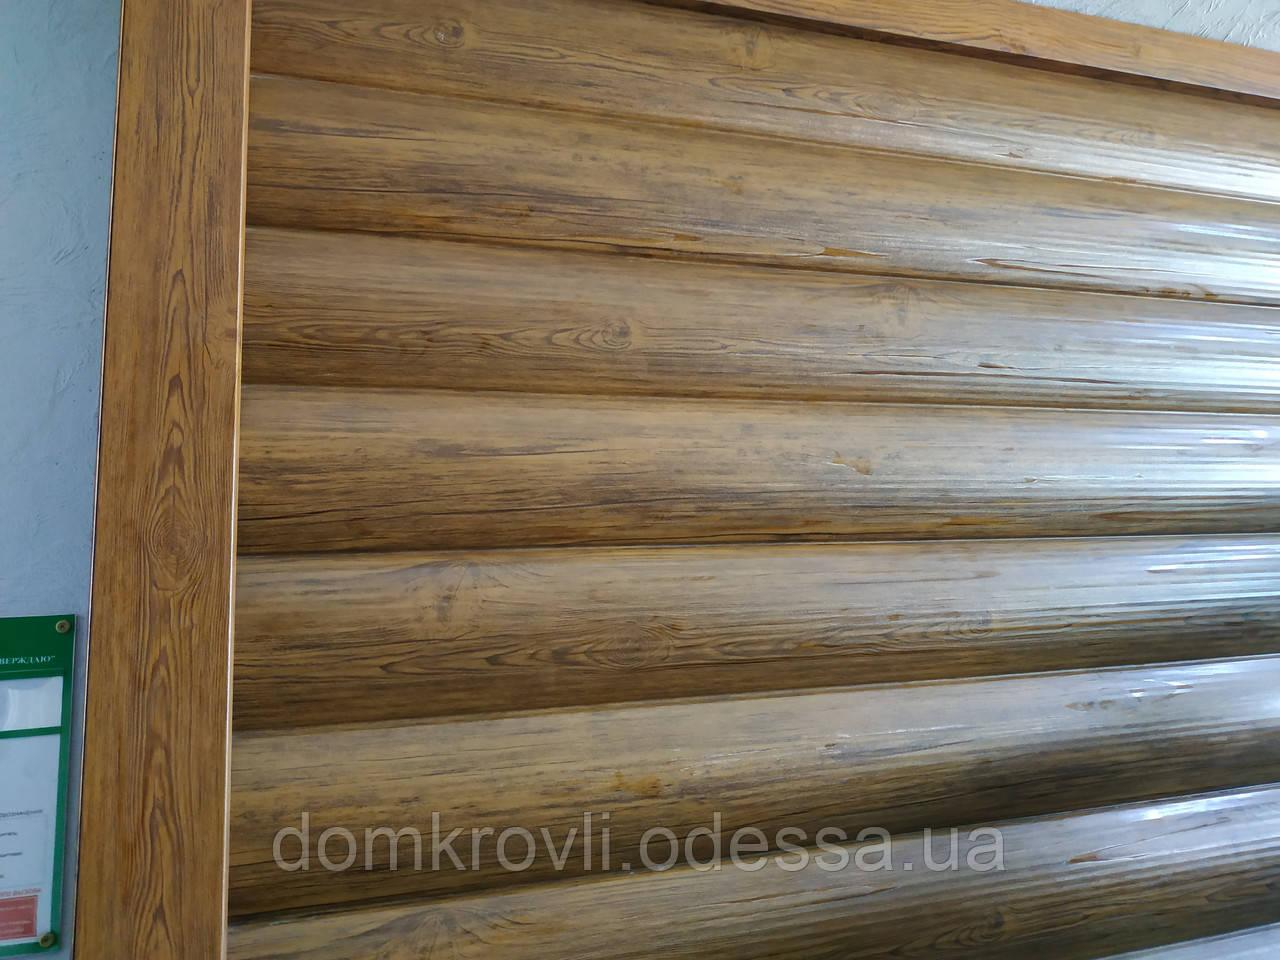 Металевий сайдинг, Блок-хаус Колода структурний Структурна сосна